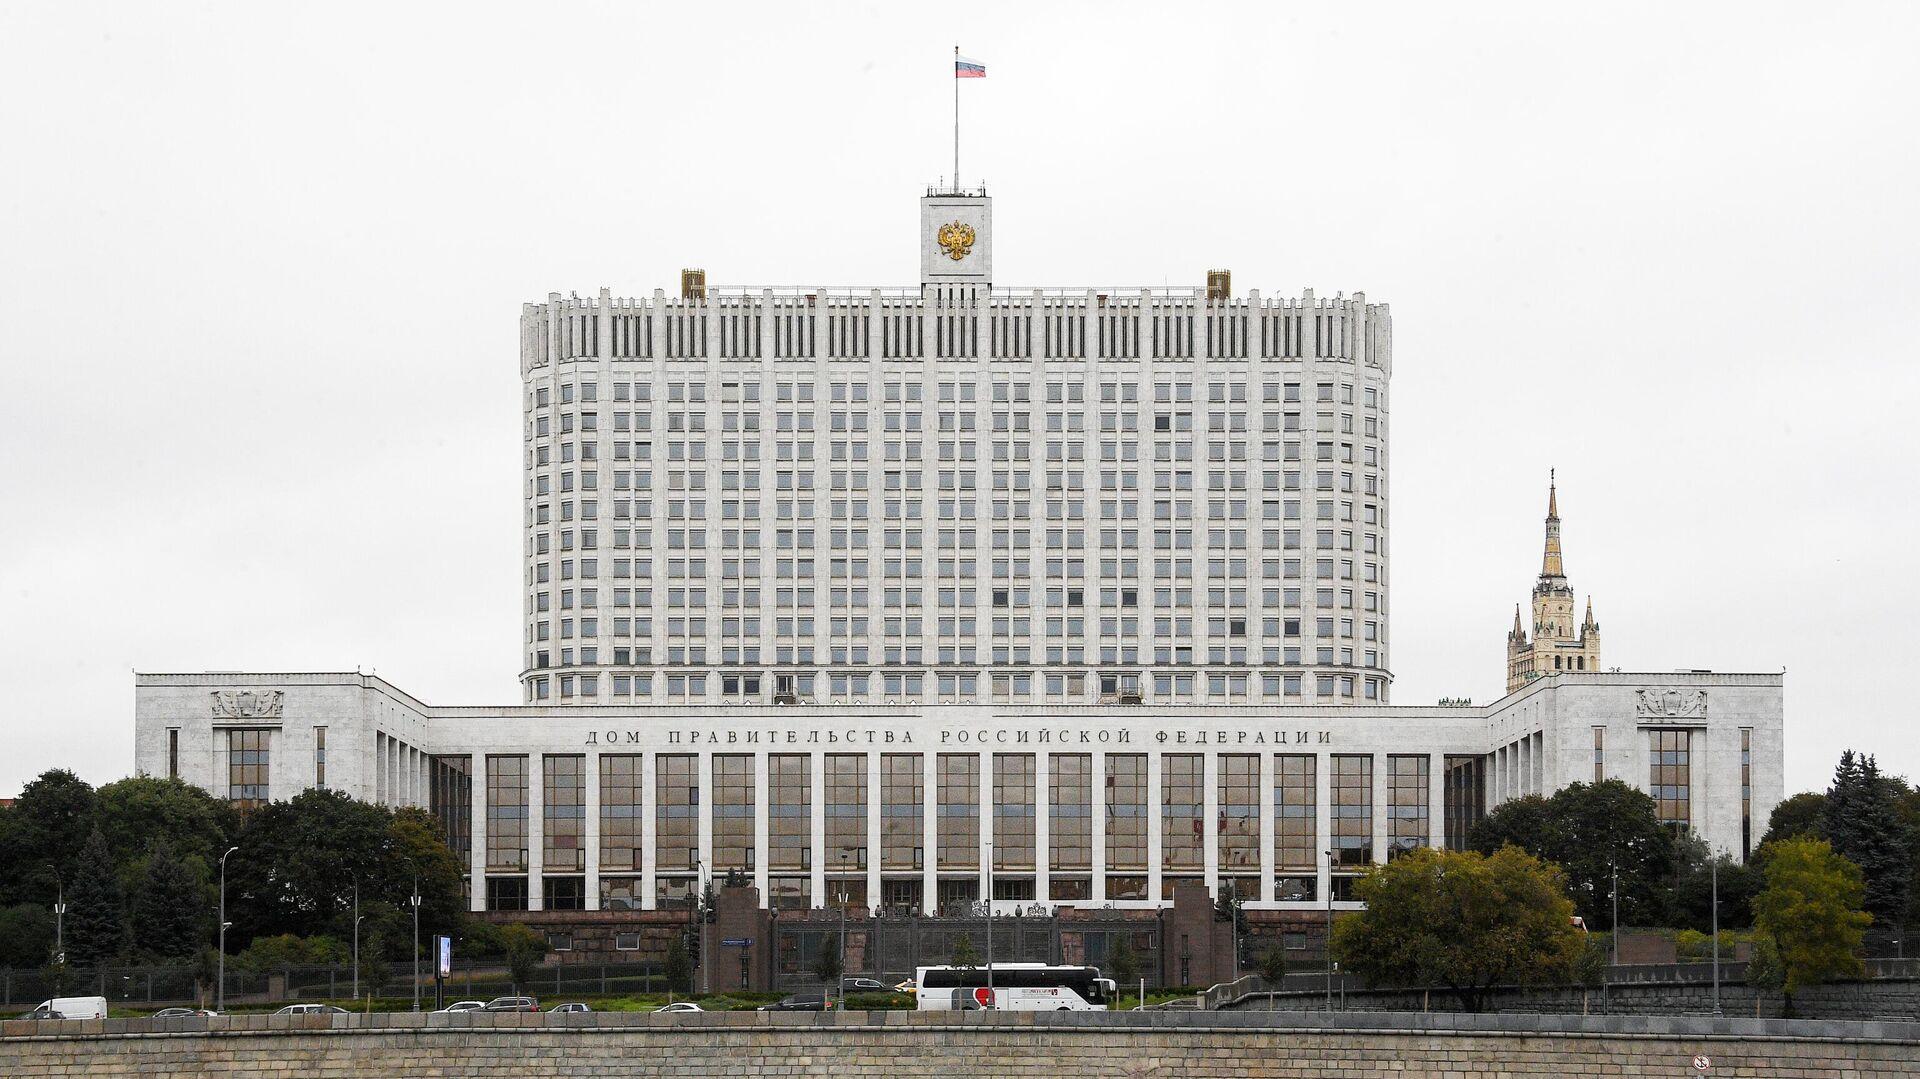 Дом Правительства Российской Федерации - РИА Новости, 1920, 28.12.2020